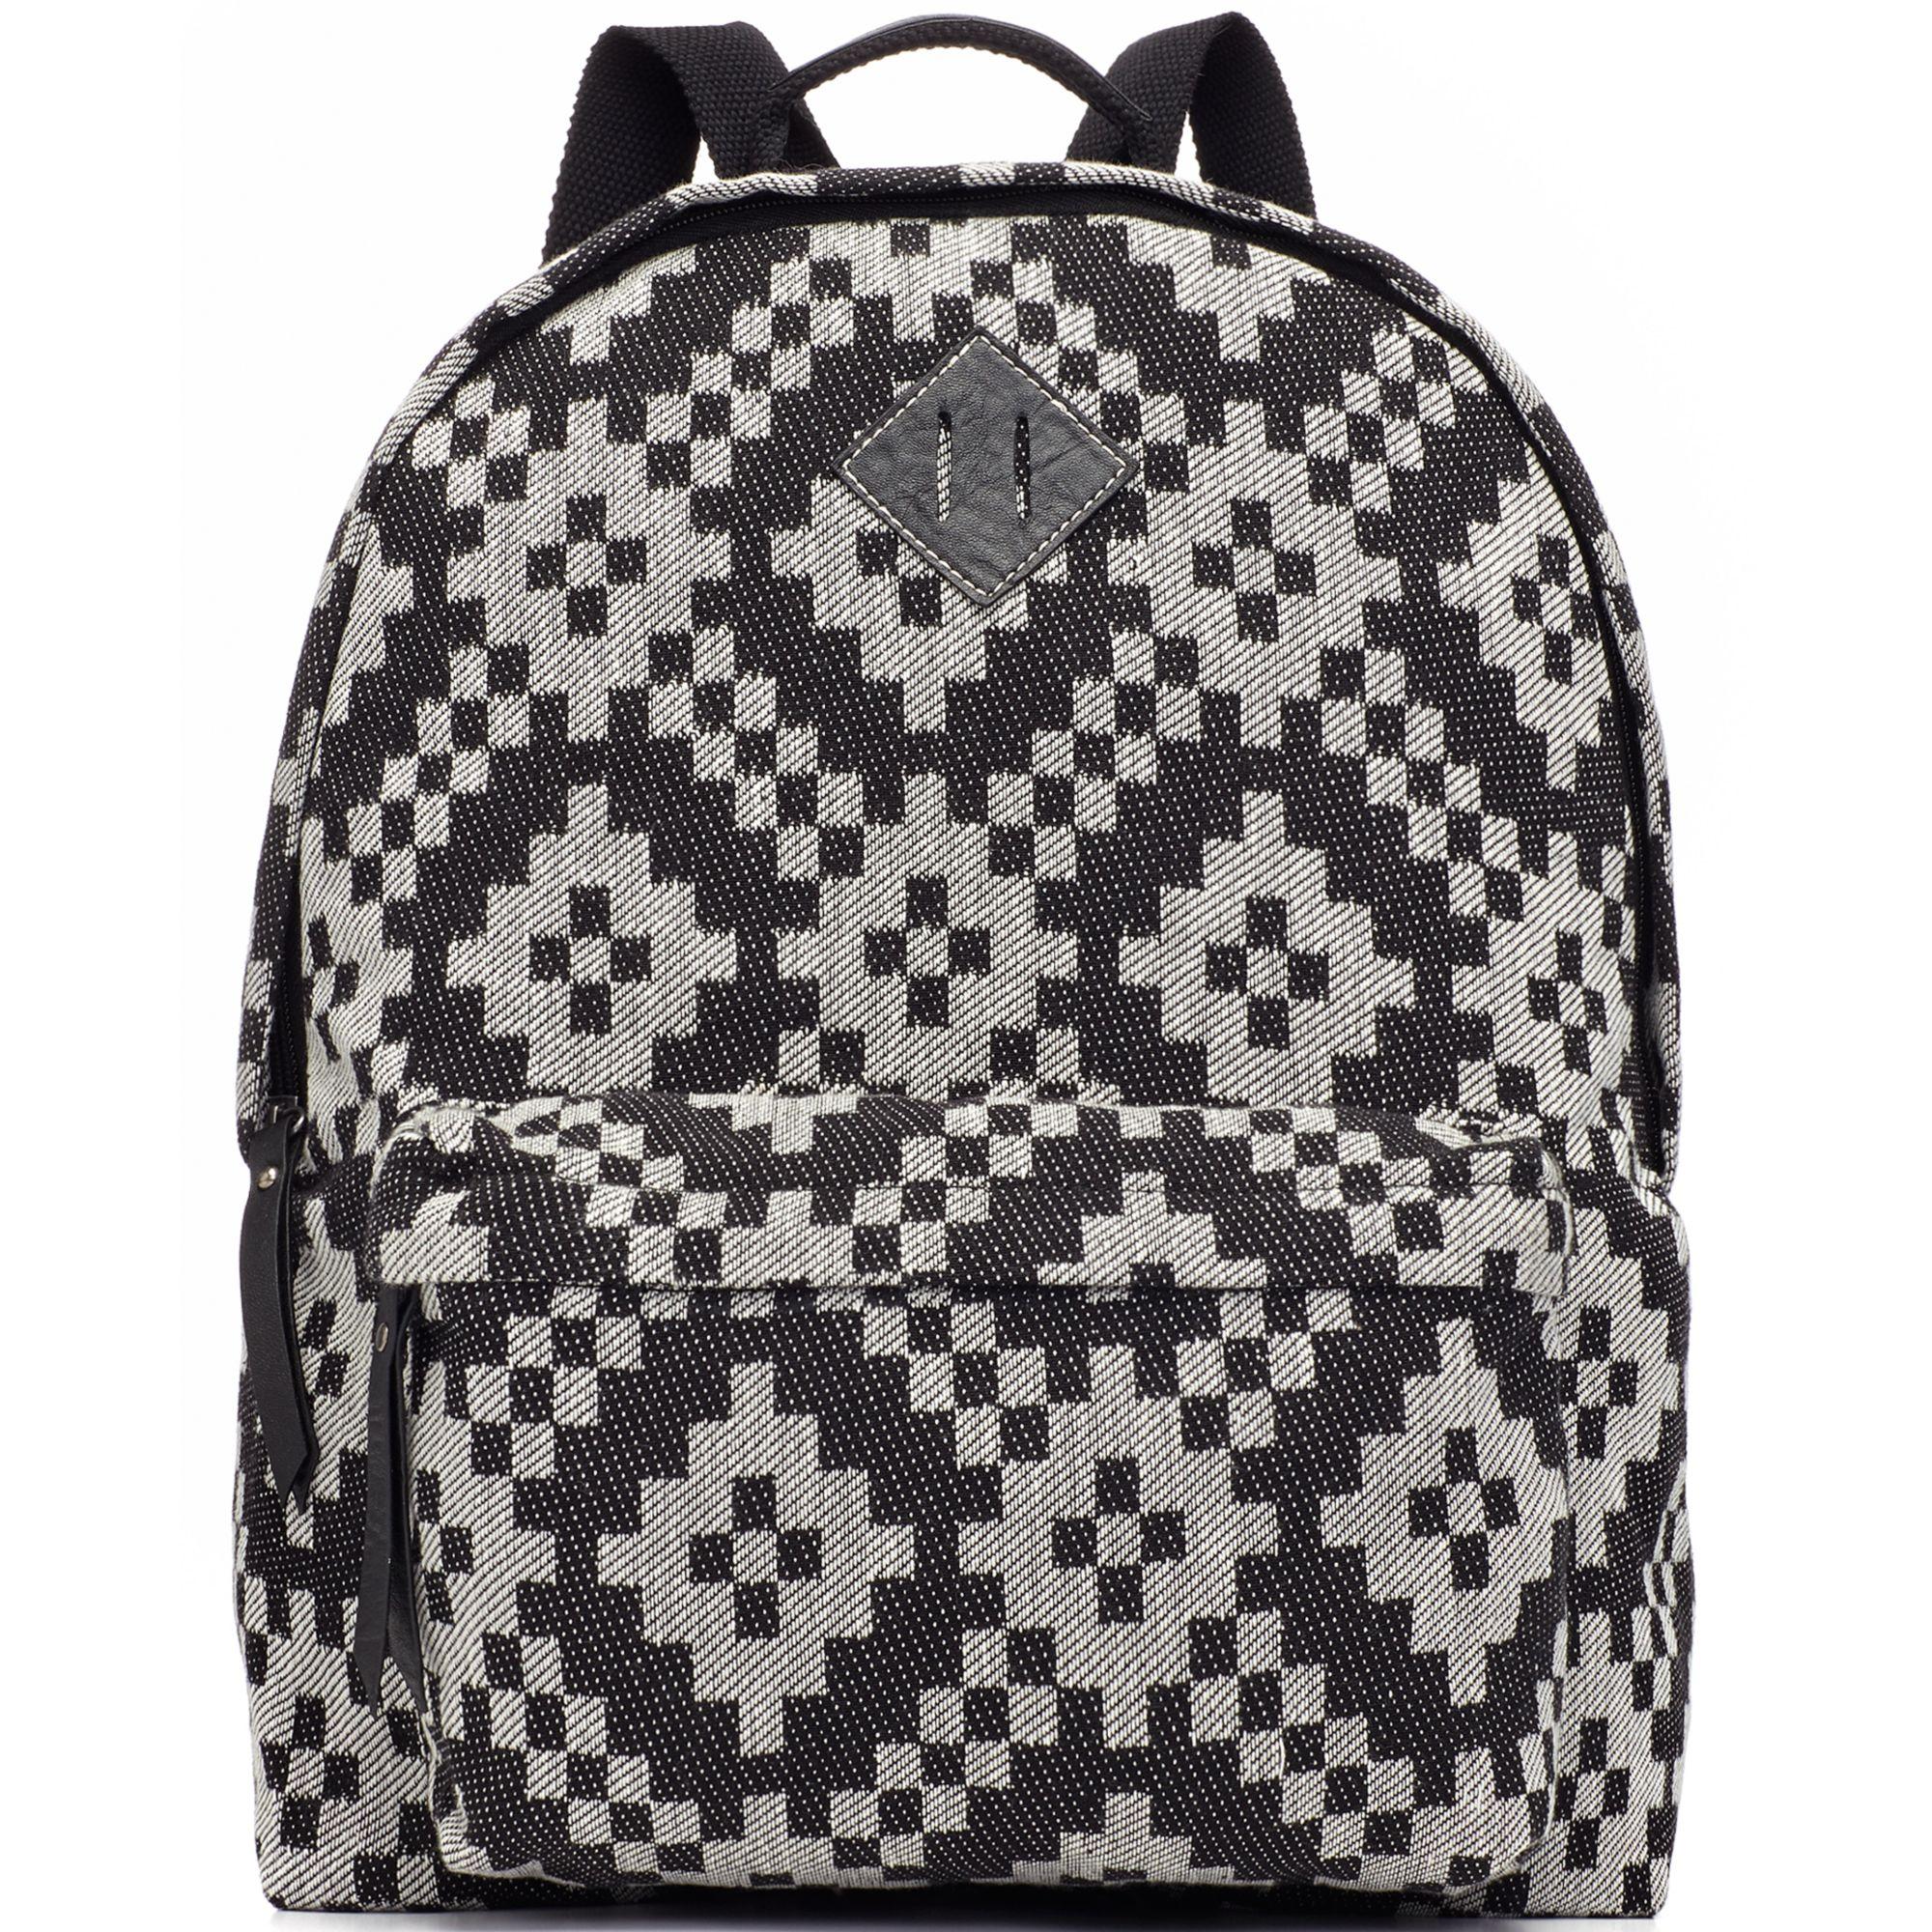 Steve madden Madden Girl Handbag Bskooll Backpack in White | Lyst